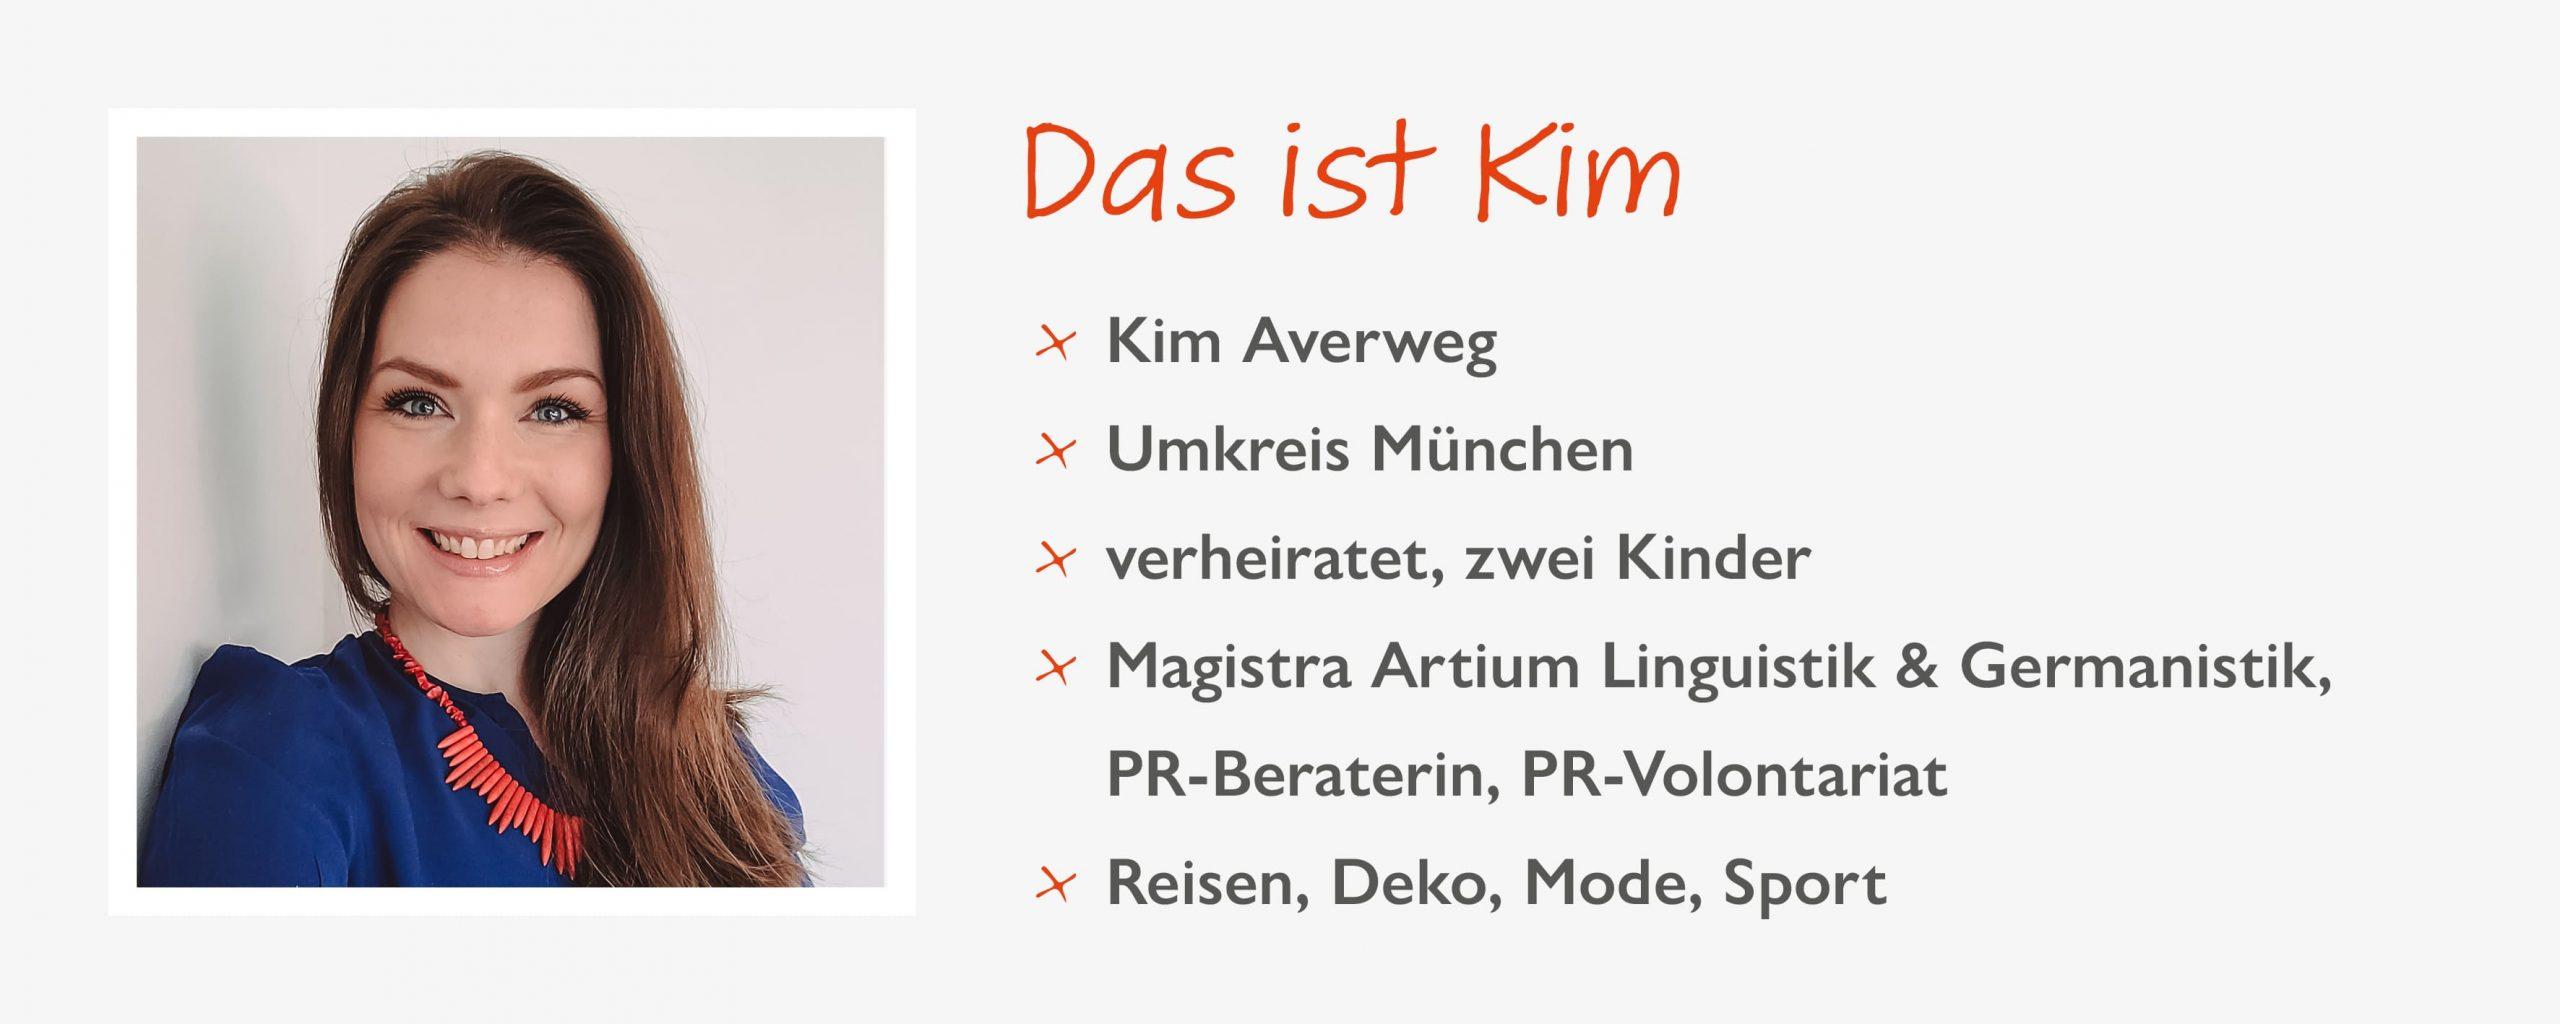 Steckbrief Kim Averweg, Voyage PR